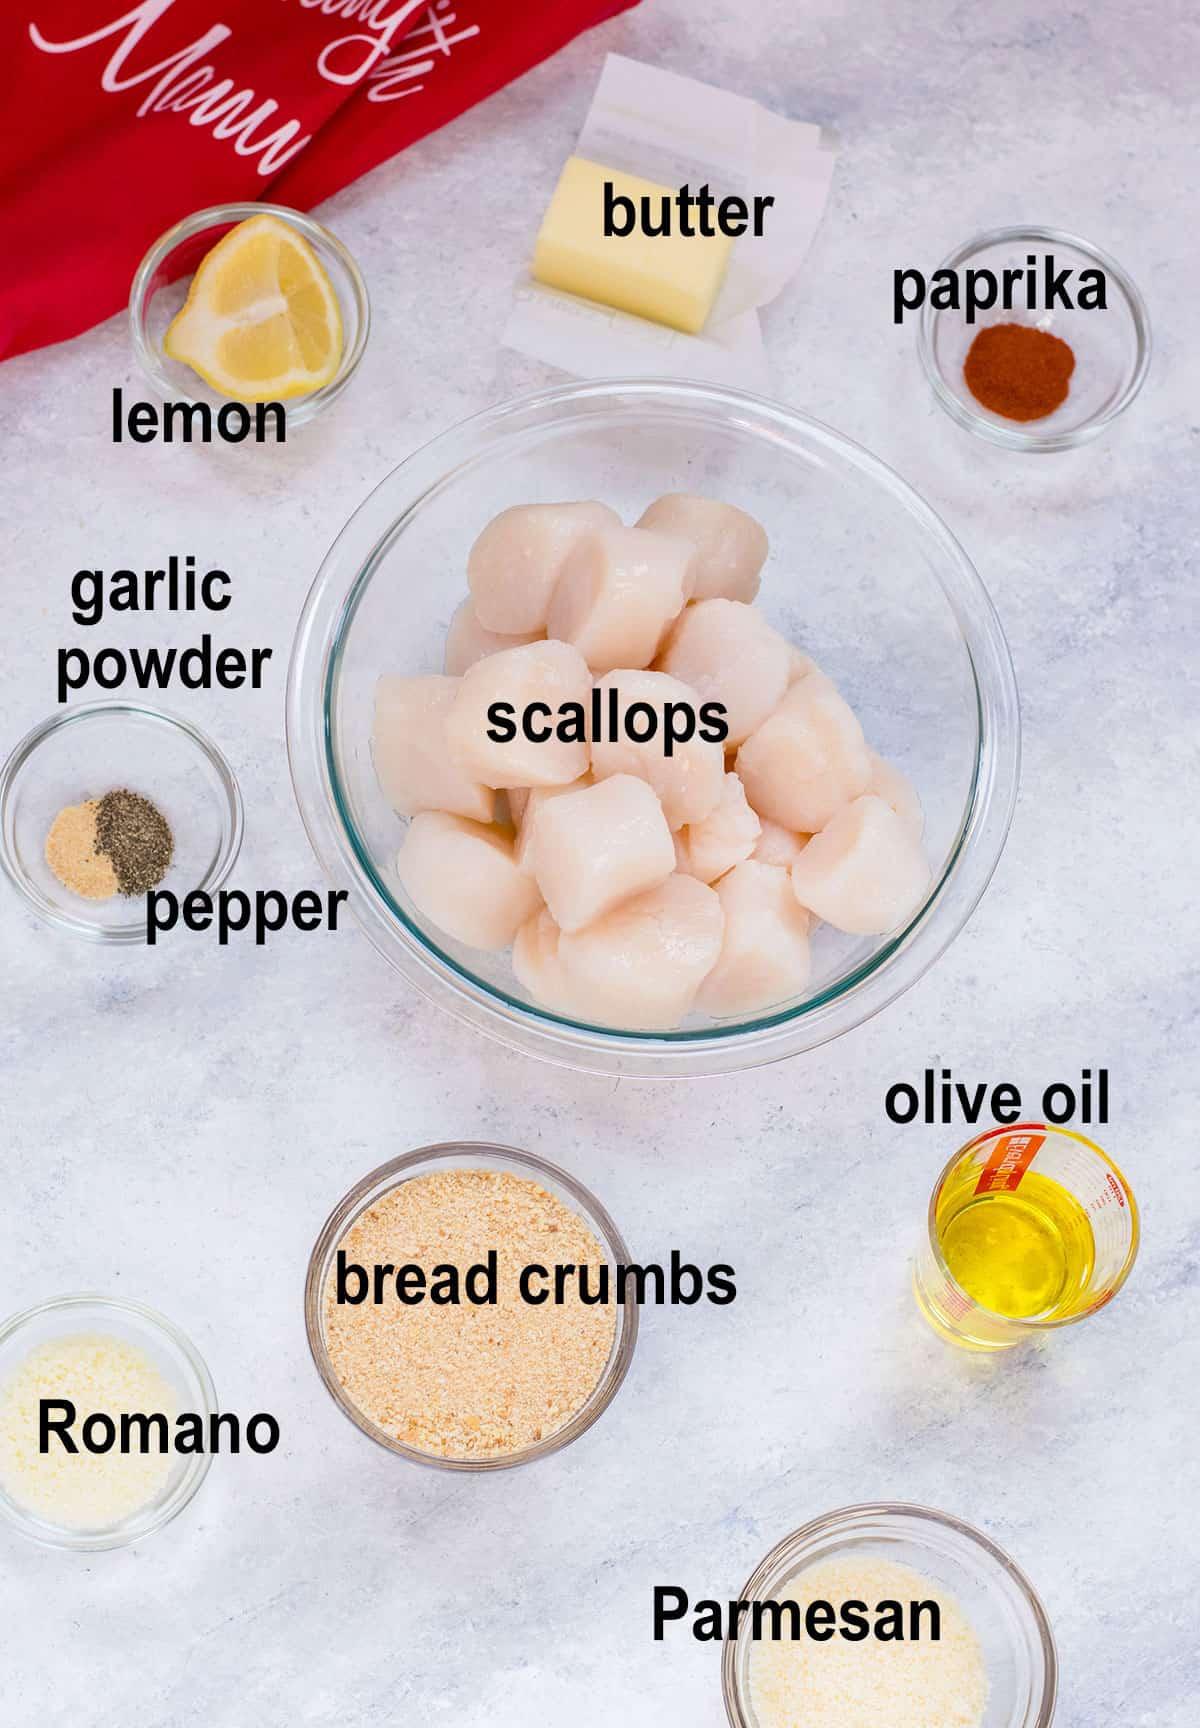 scallops, cheese, oil, bread crumbs, seasonings, lemon, butter